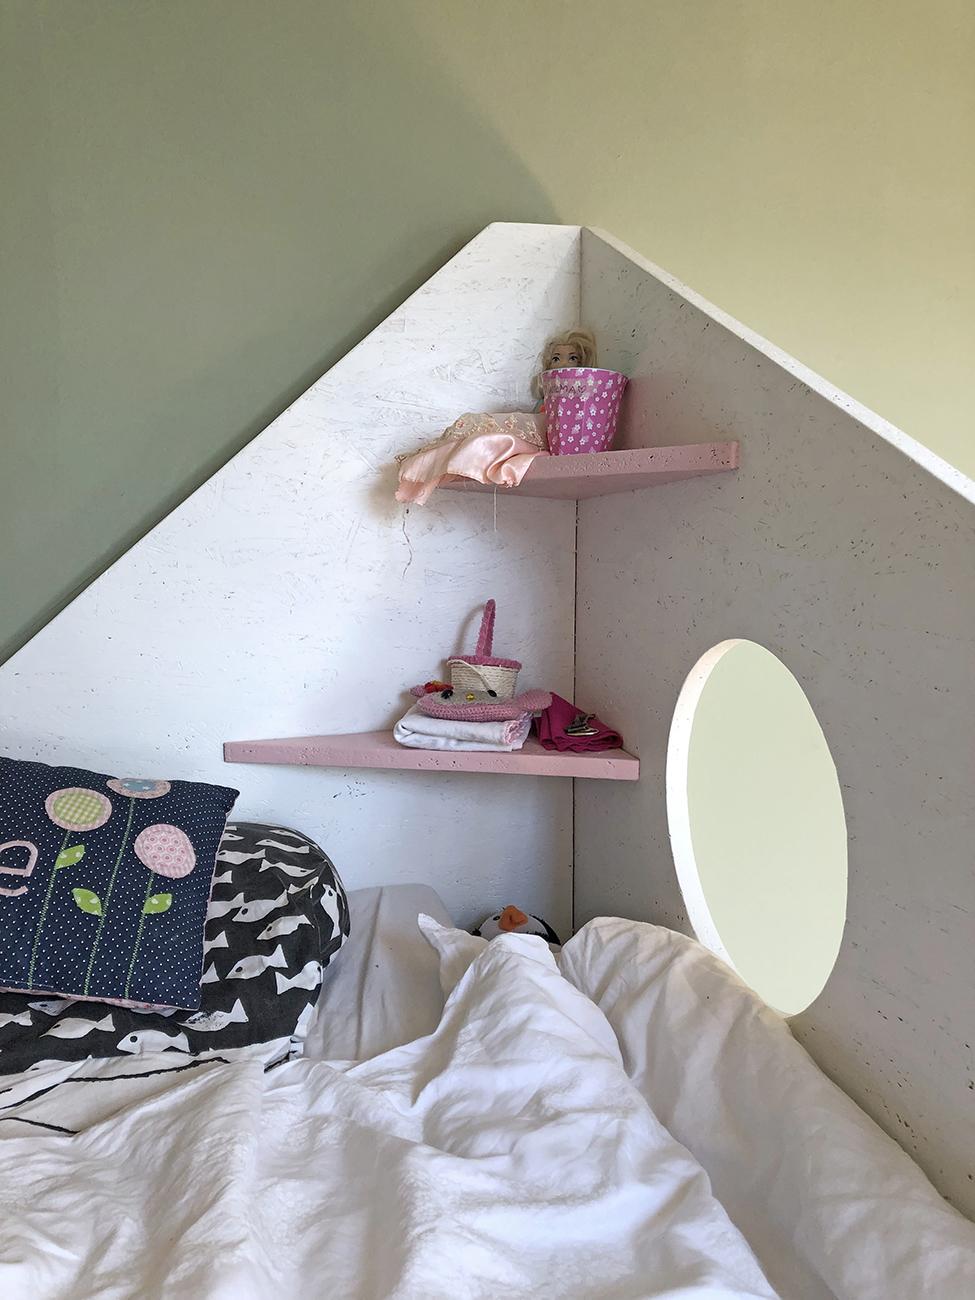 buntes Etagenbett für drei Kinder im Kinderzimmer Detailaufnahme